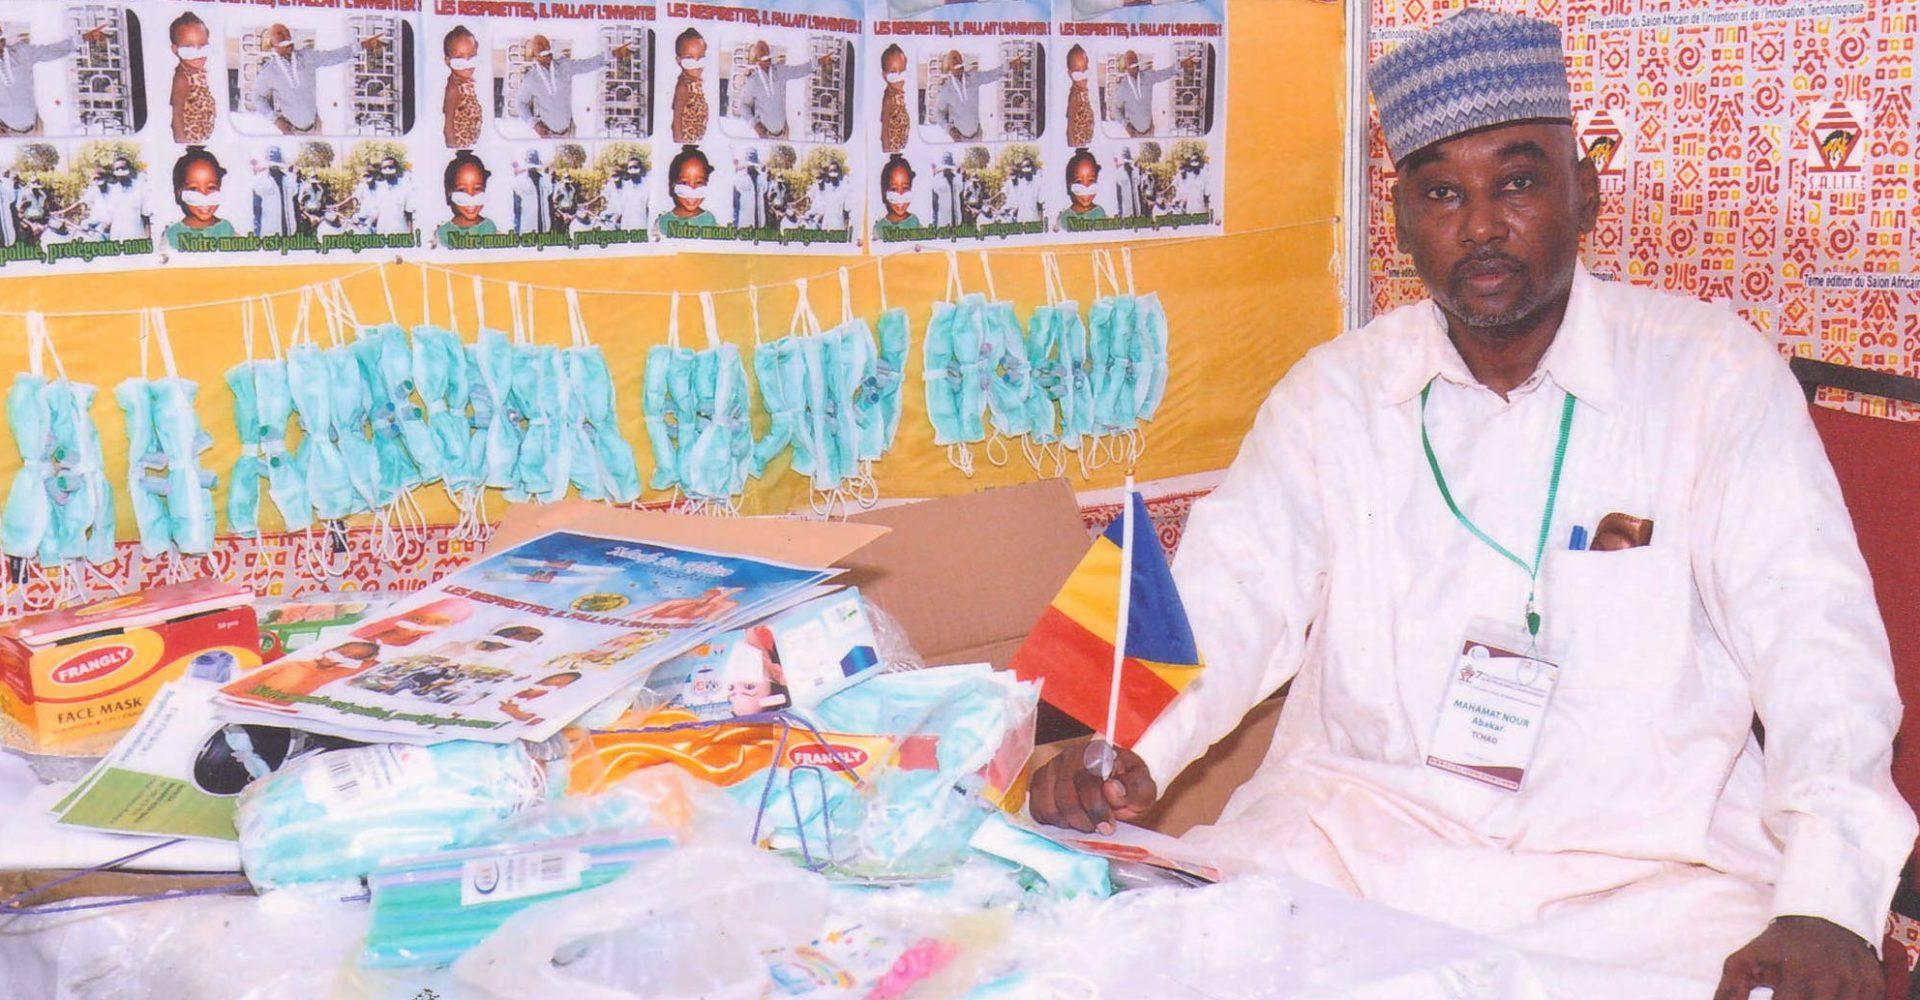 Respirnettes, une invention tchadienne pour lutter contre le Coronavirus 1